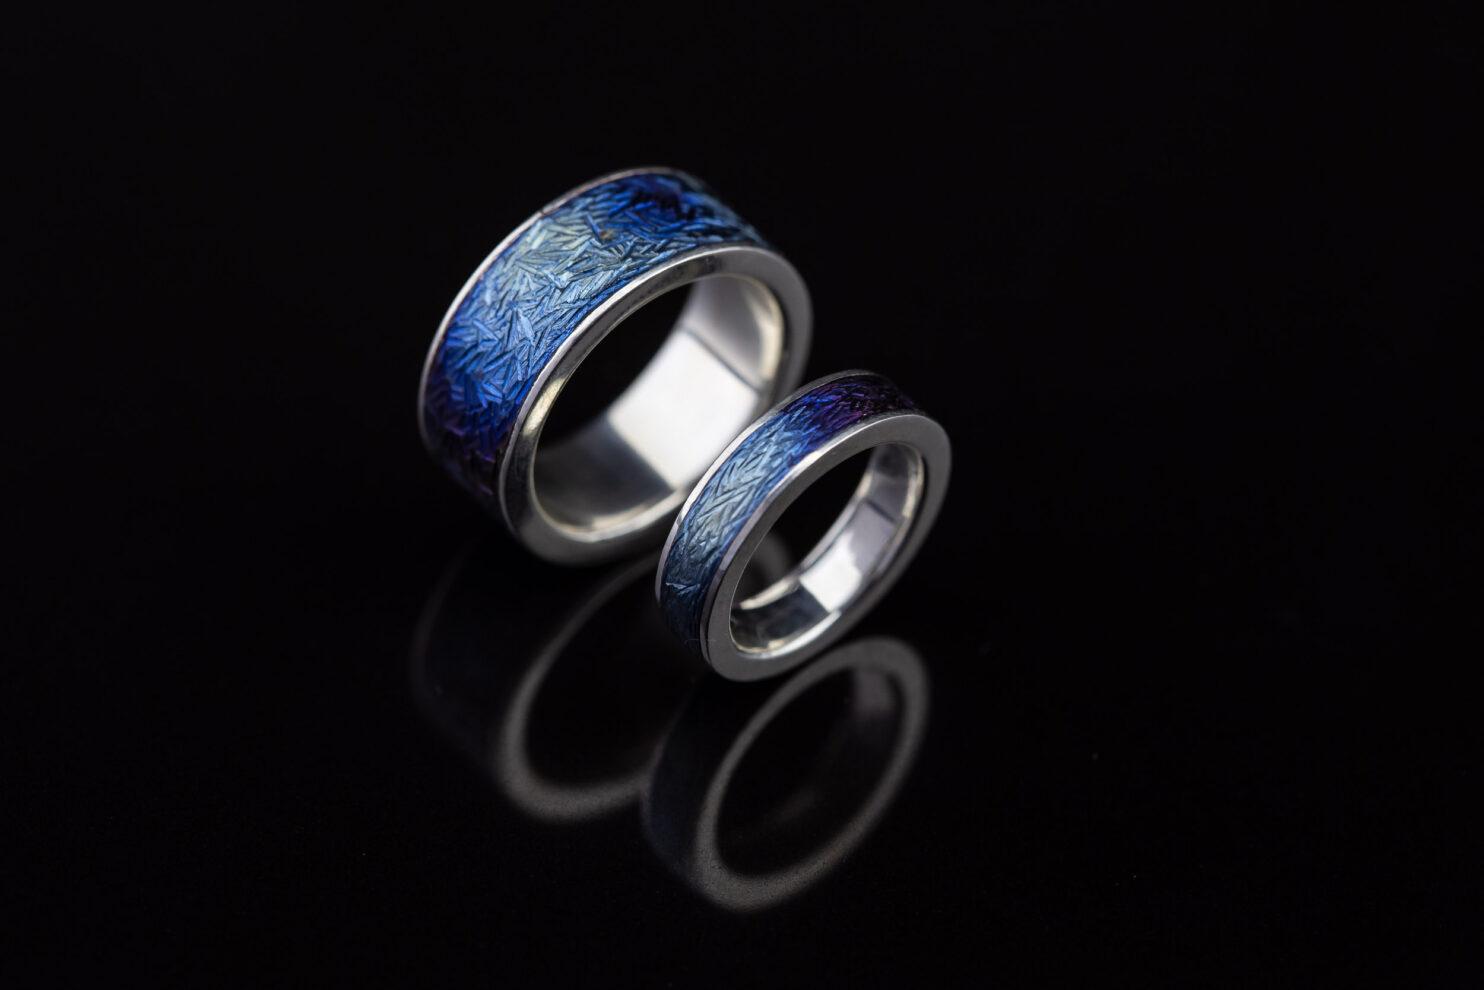 Titano ir sidabro spalvoti vestuviniai žiedai